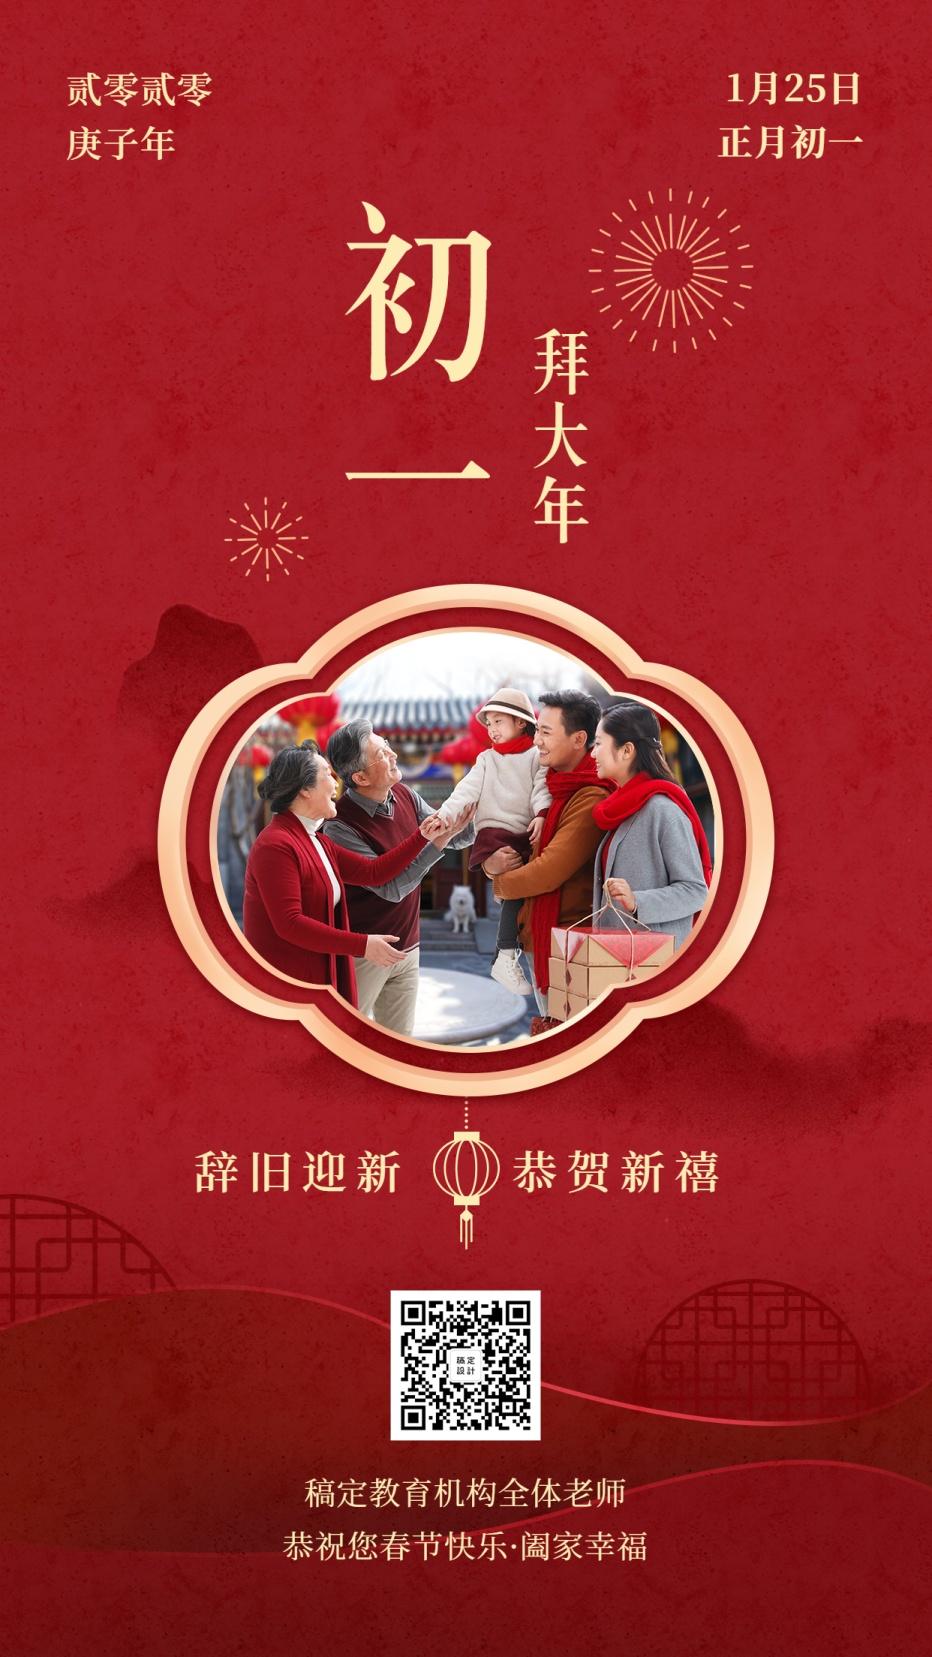 春节祝福海报/教育培训/初一